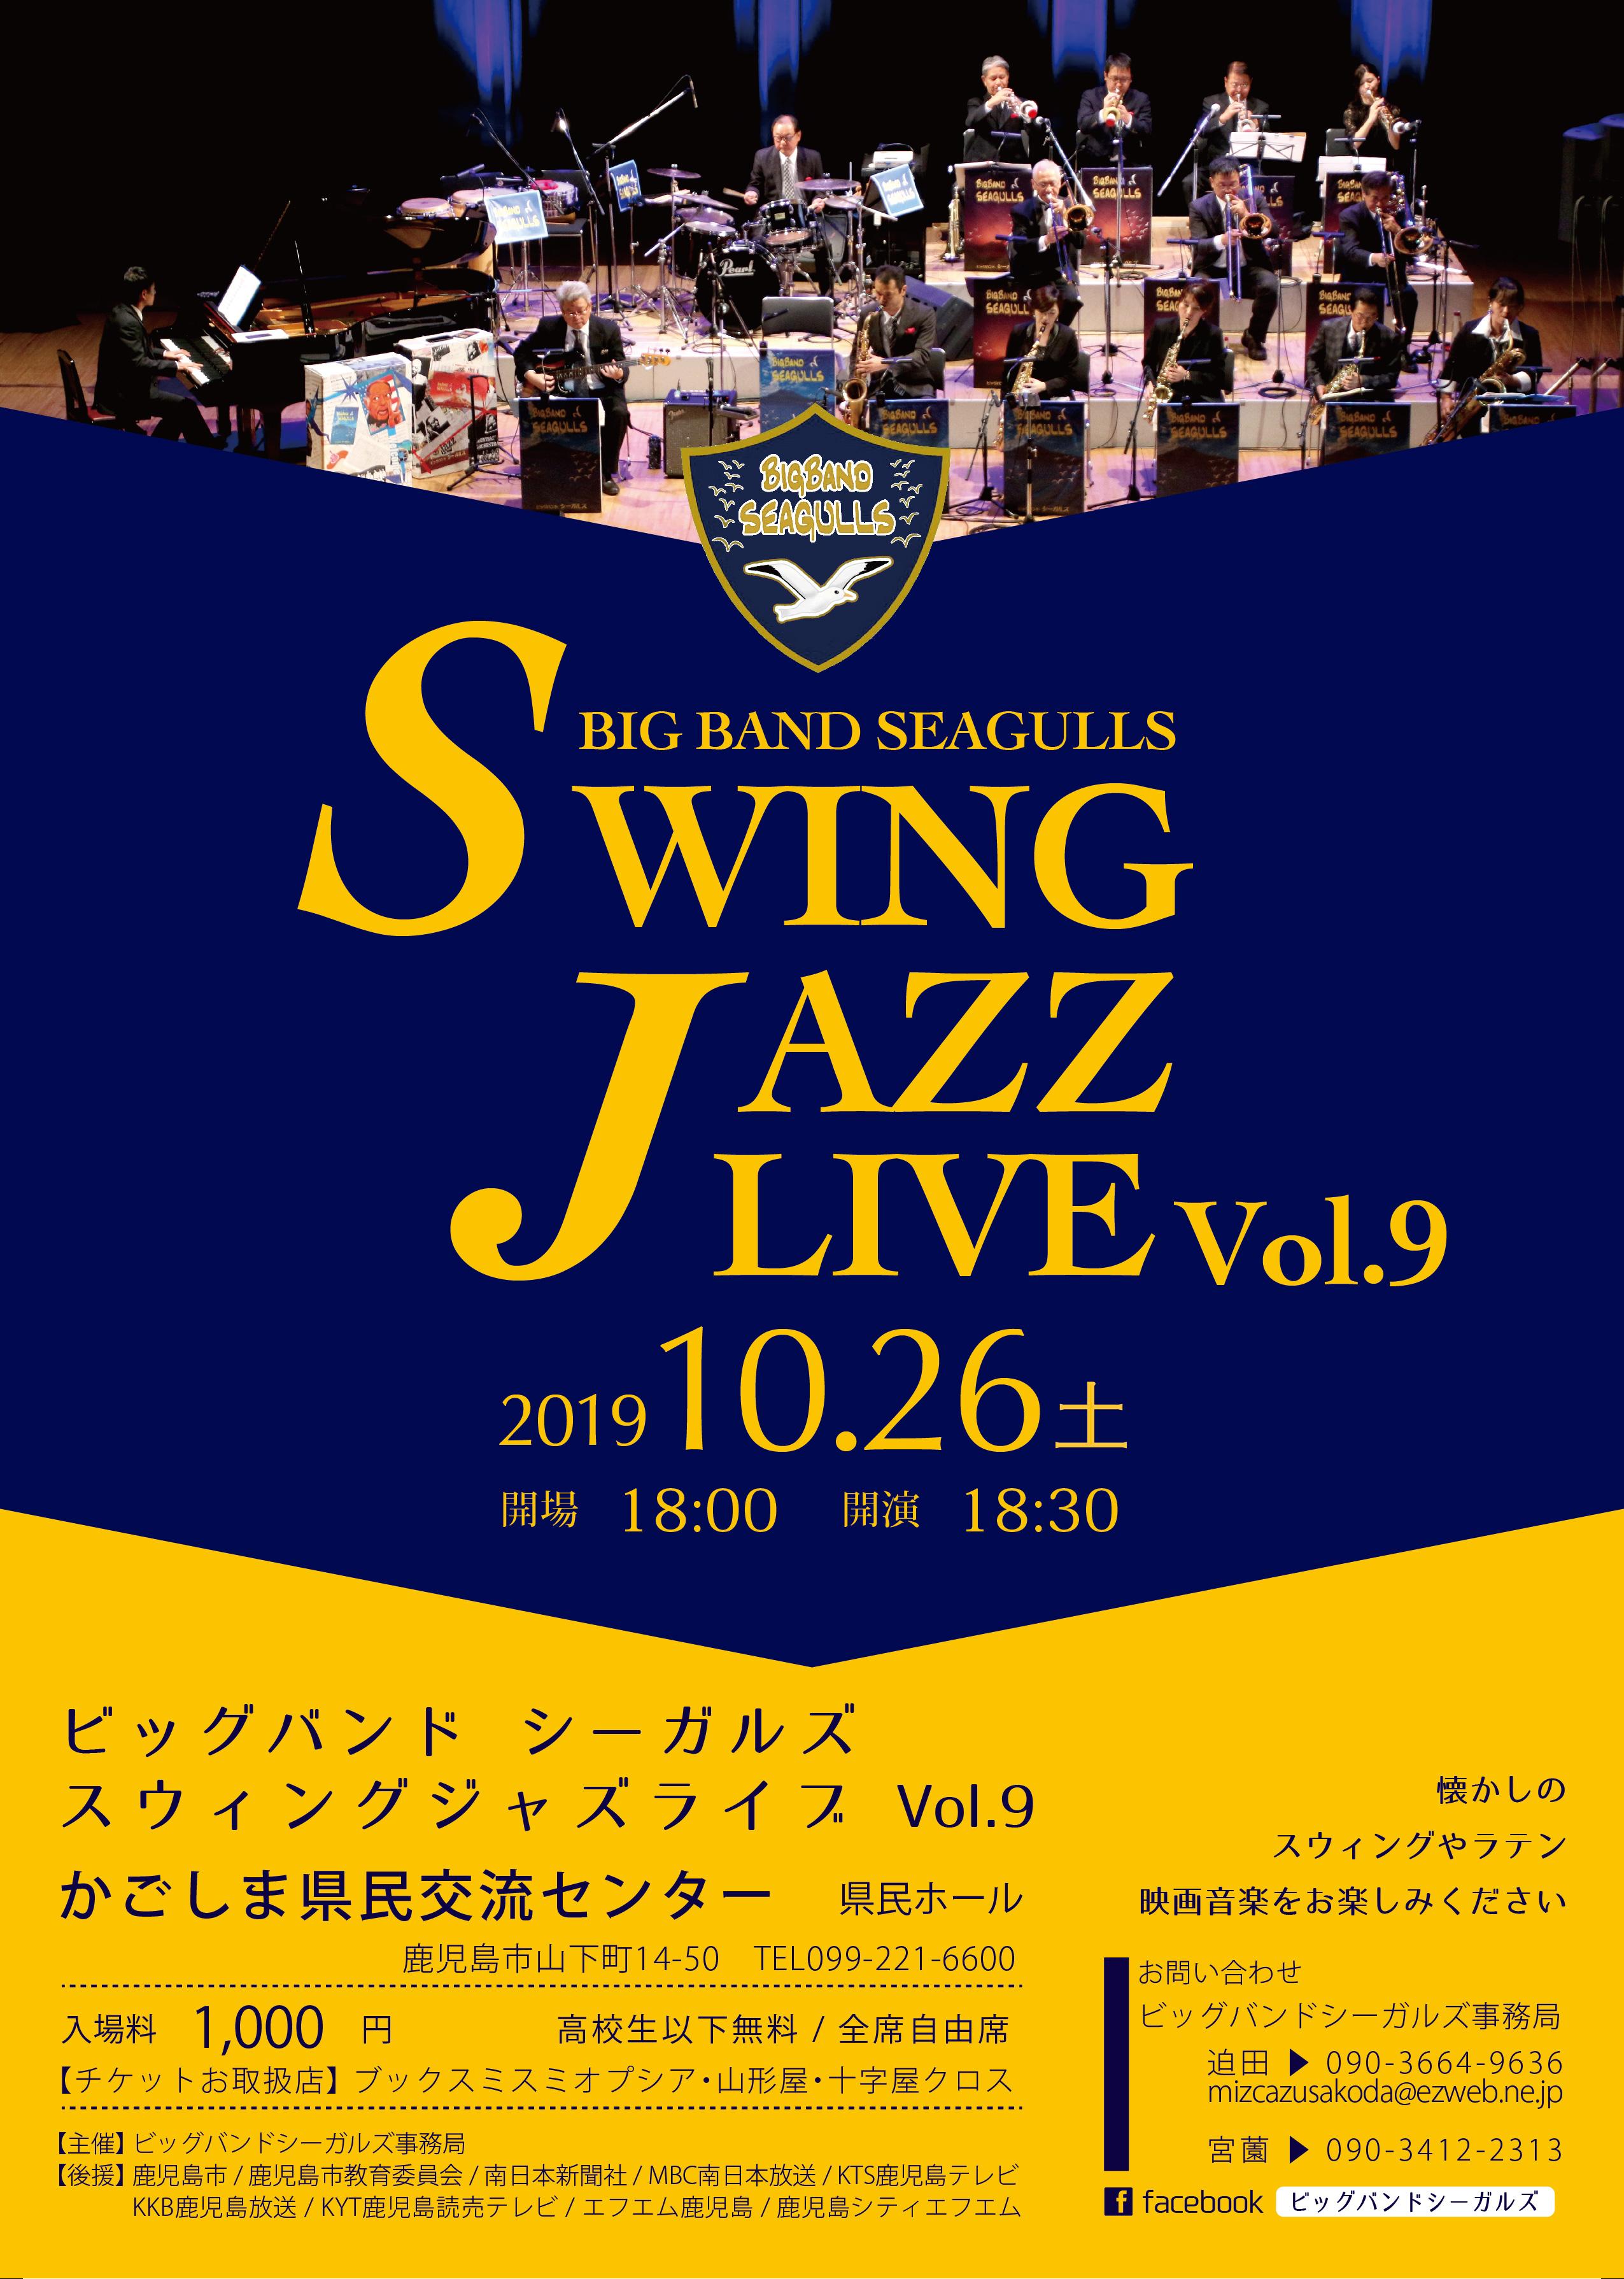 ビッグバンド シーガルズ スウィングジャズライブ Vol.9